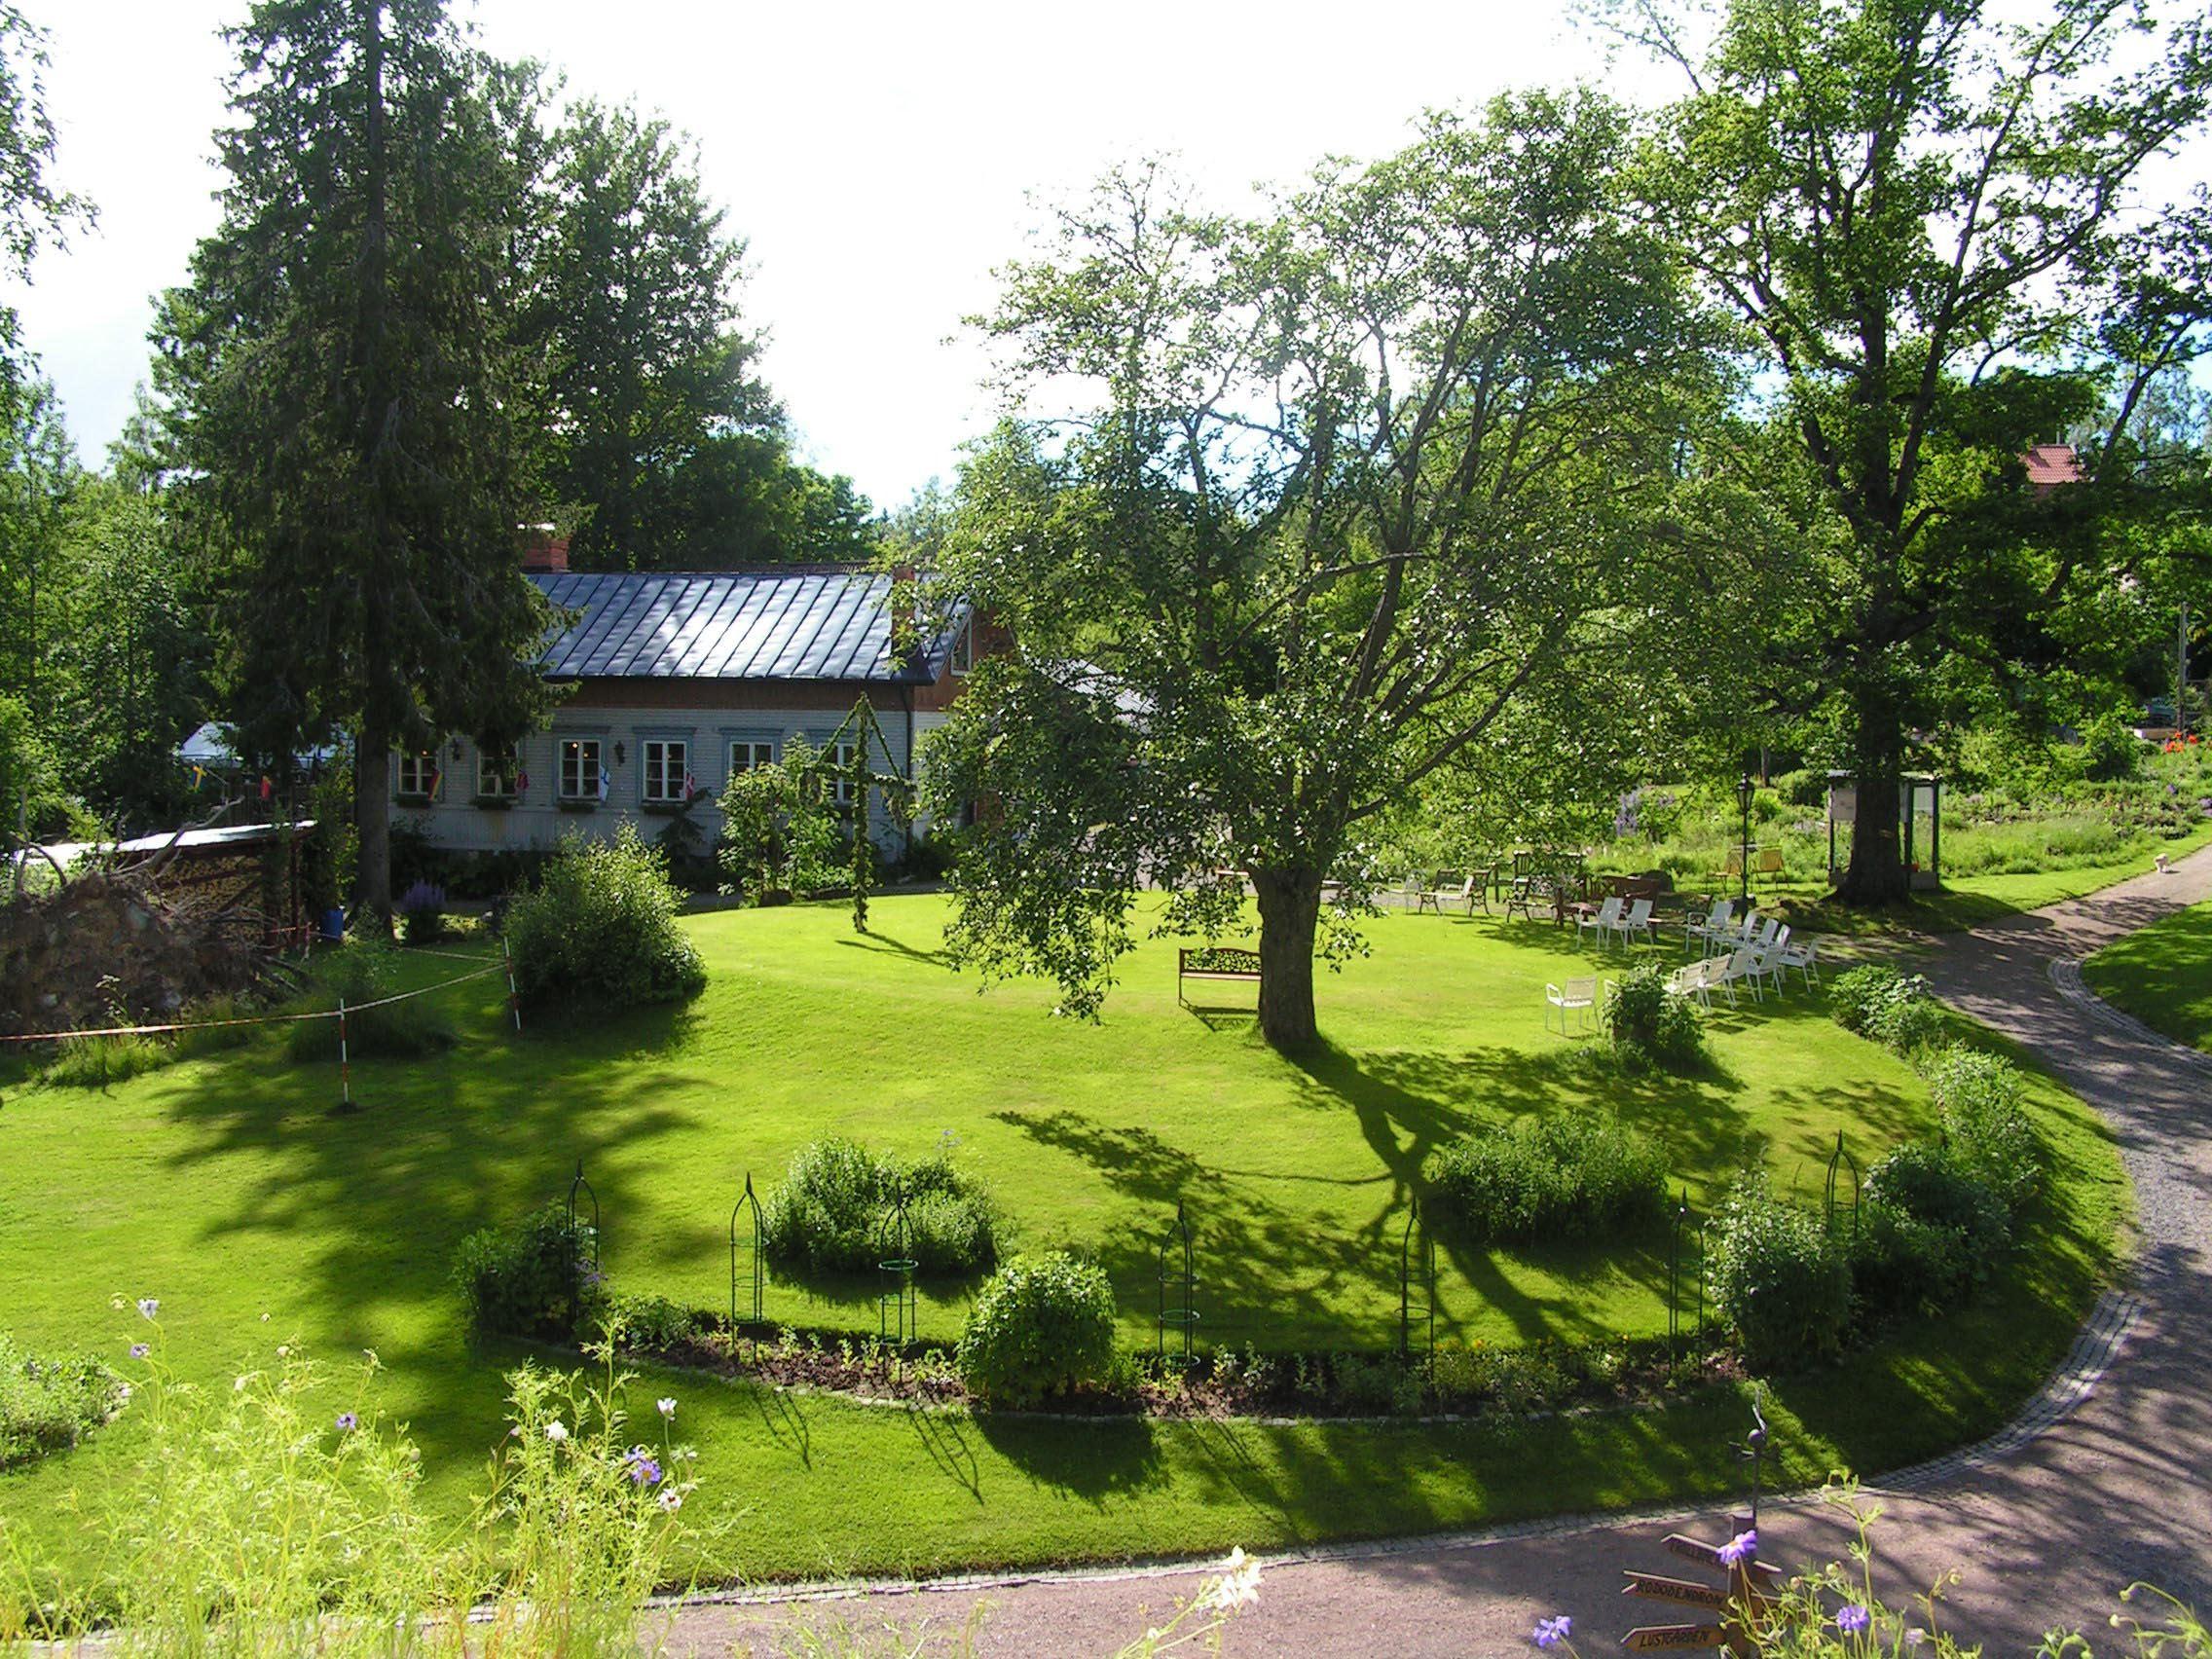 foto Bengt Frejd, Disponentparken och Trädgårdscaféet